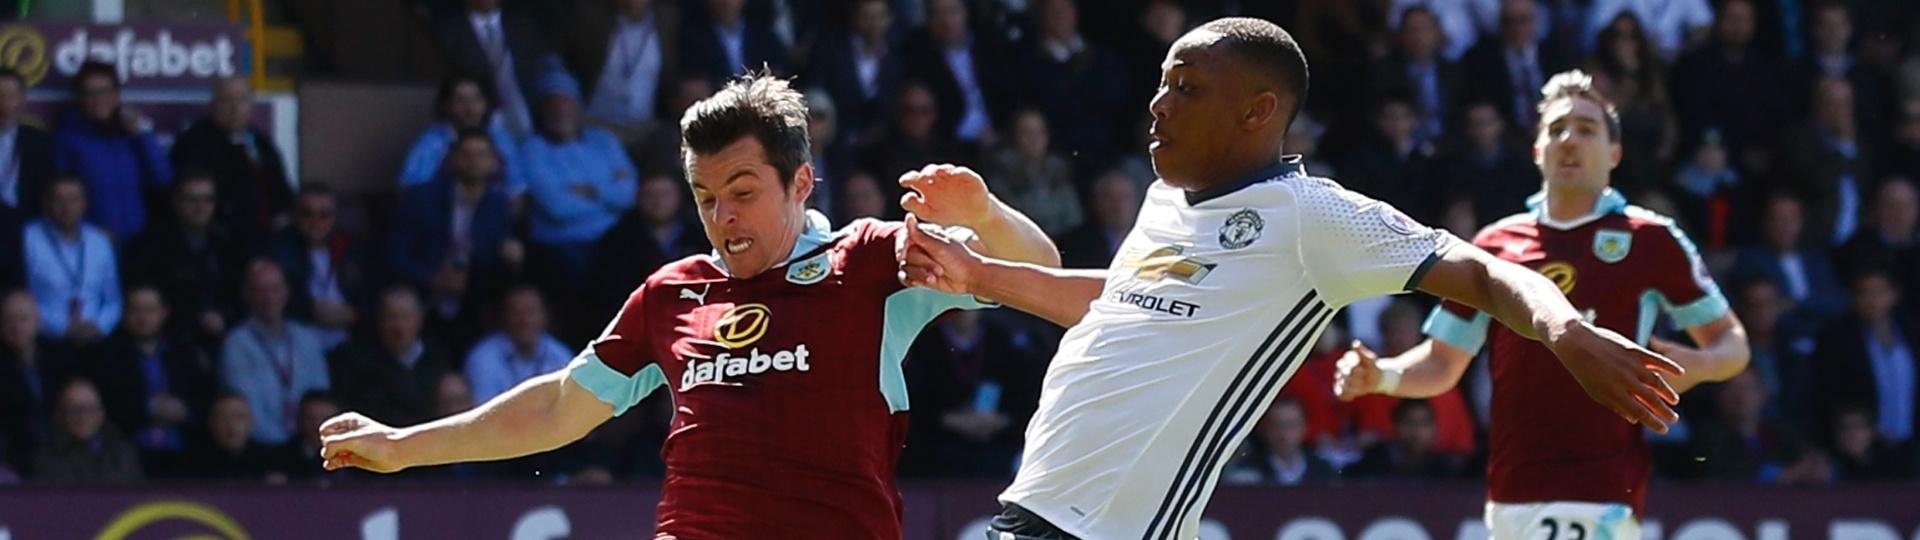 Martial se estica todo para marca o primeiro gol do United contra o Burnley